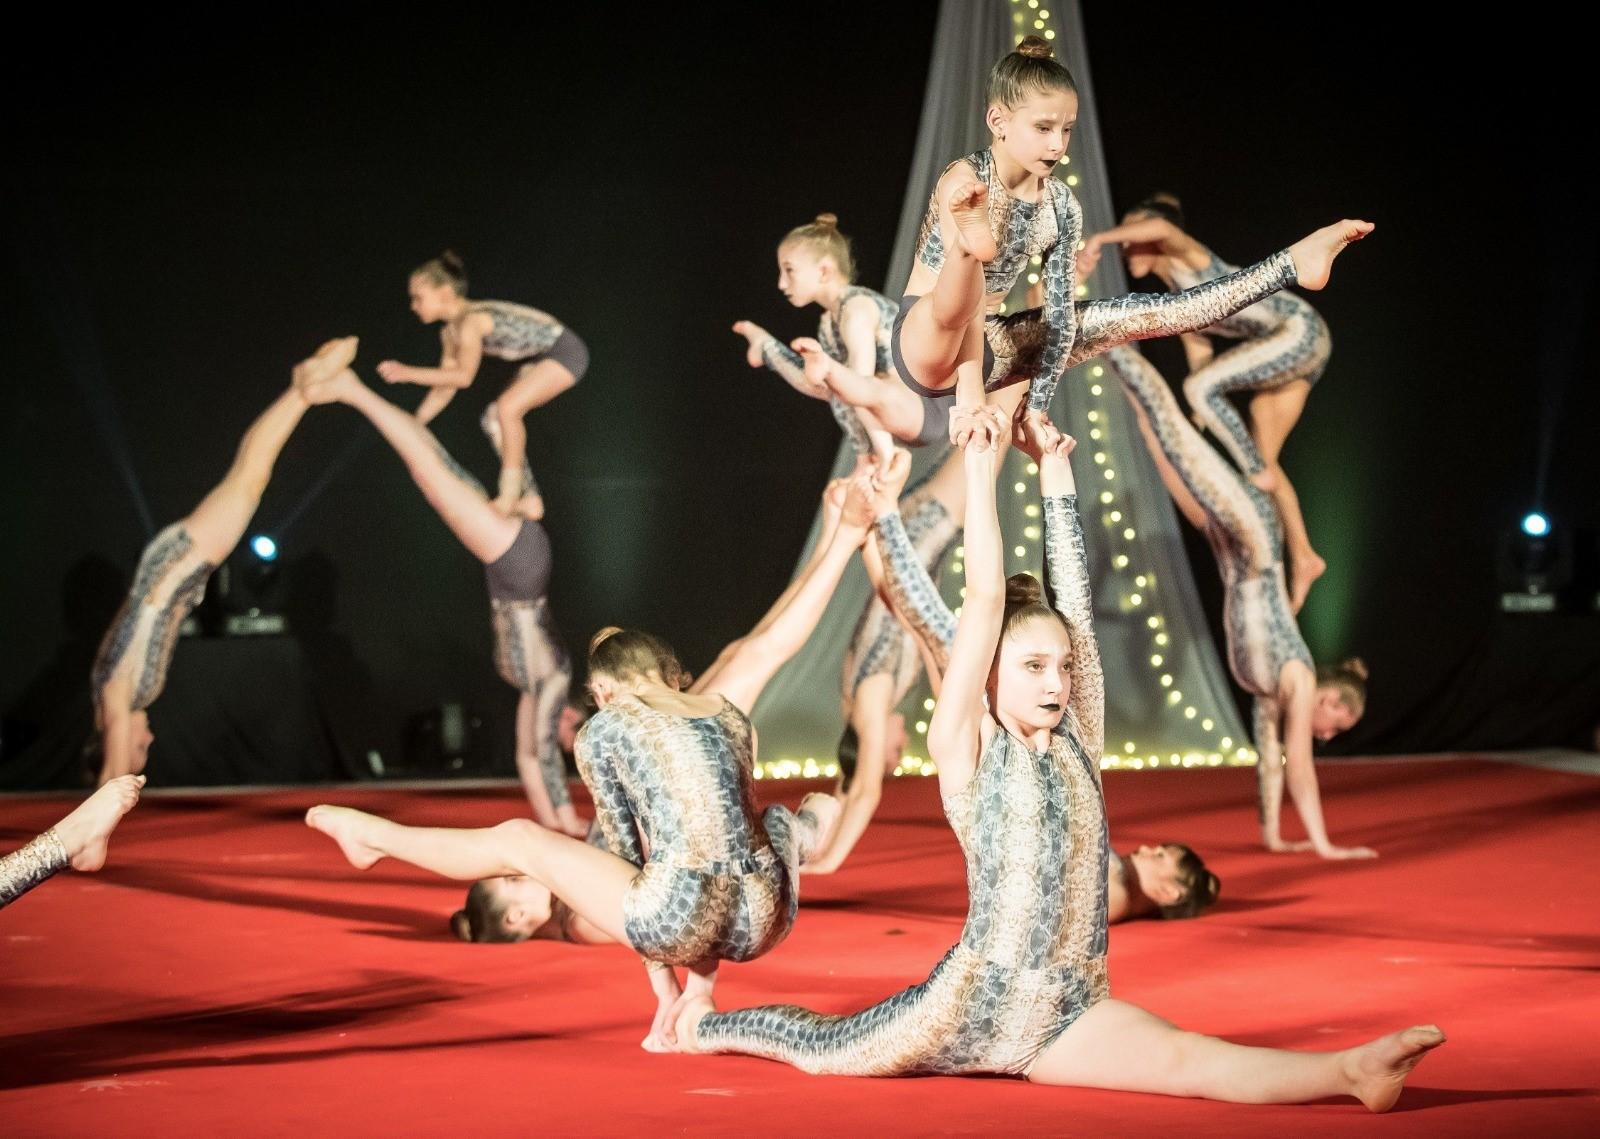 מיטב נבחרות האקרובטיקה בישראל השתתפו במופע הגימנסטרדה